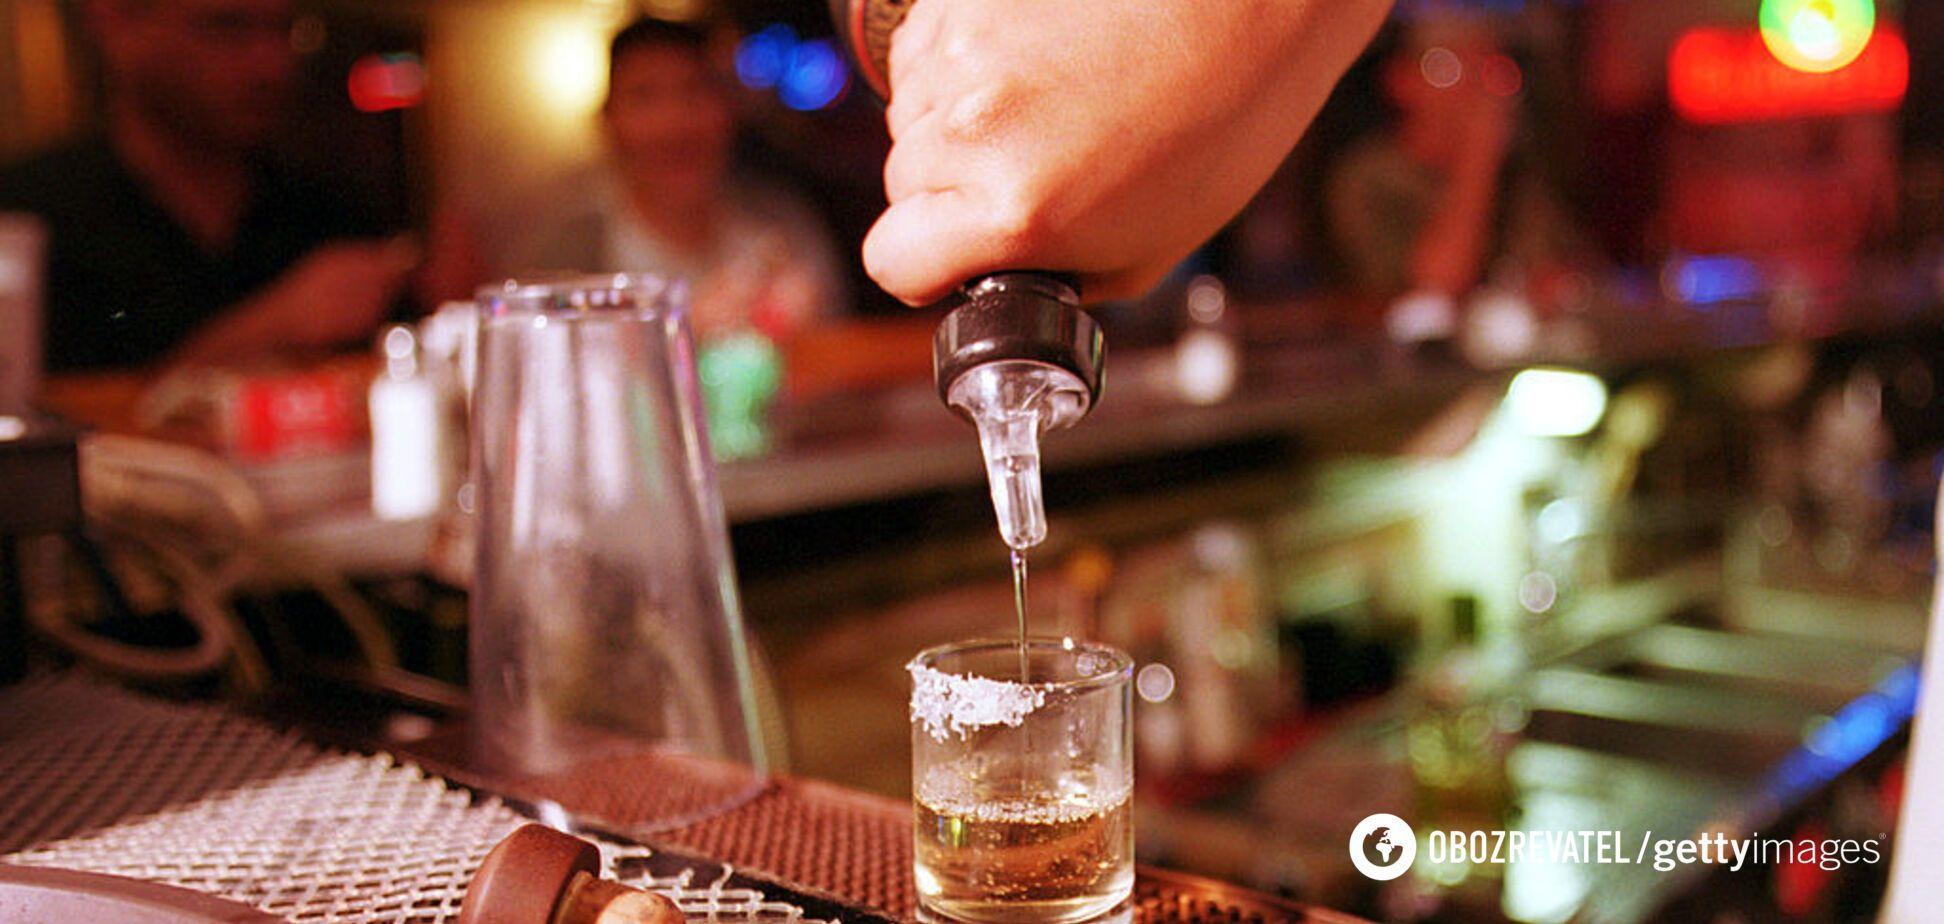 Вчені знайшли зв'язок між вживанням алкоголю та ризиком потрапити в реанімацію з COVID-19